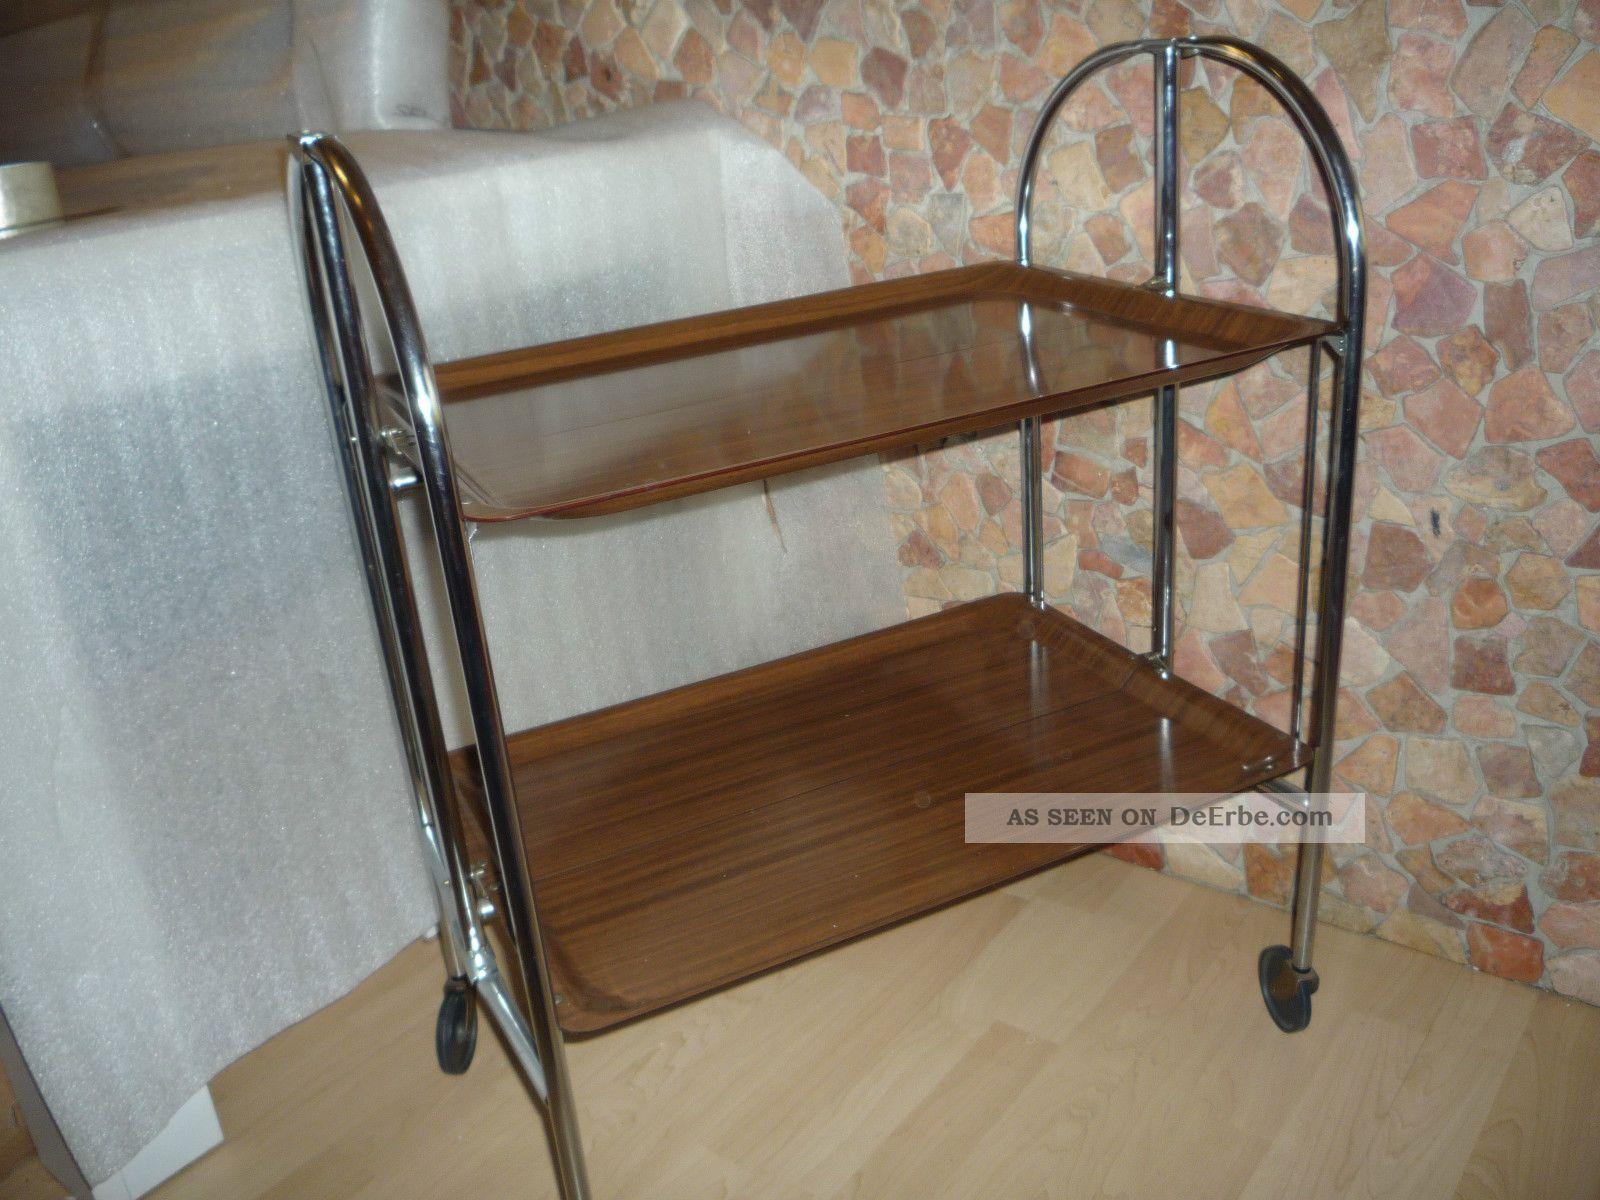 servierwagen braun beistelltisch teewagen klappbar 70er. Black Bedroom Furniture Sets. Home Design Ideas